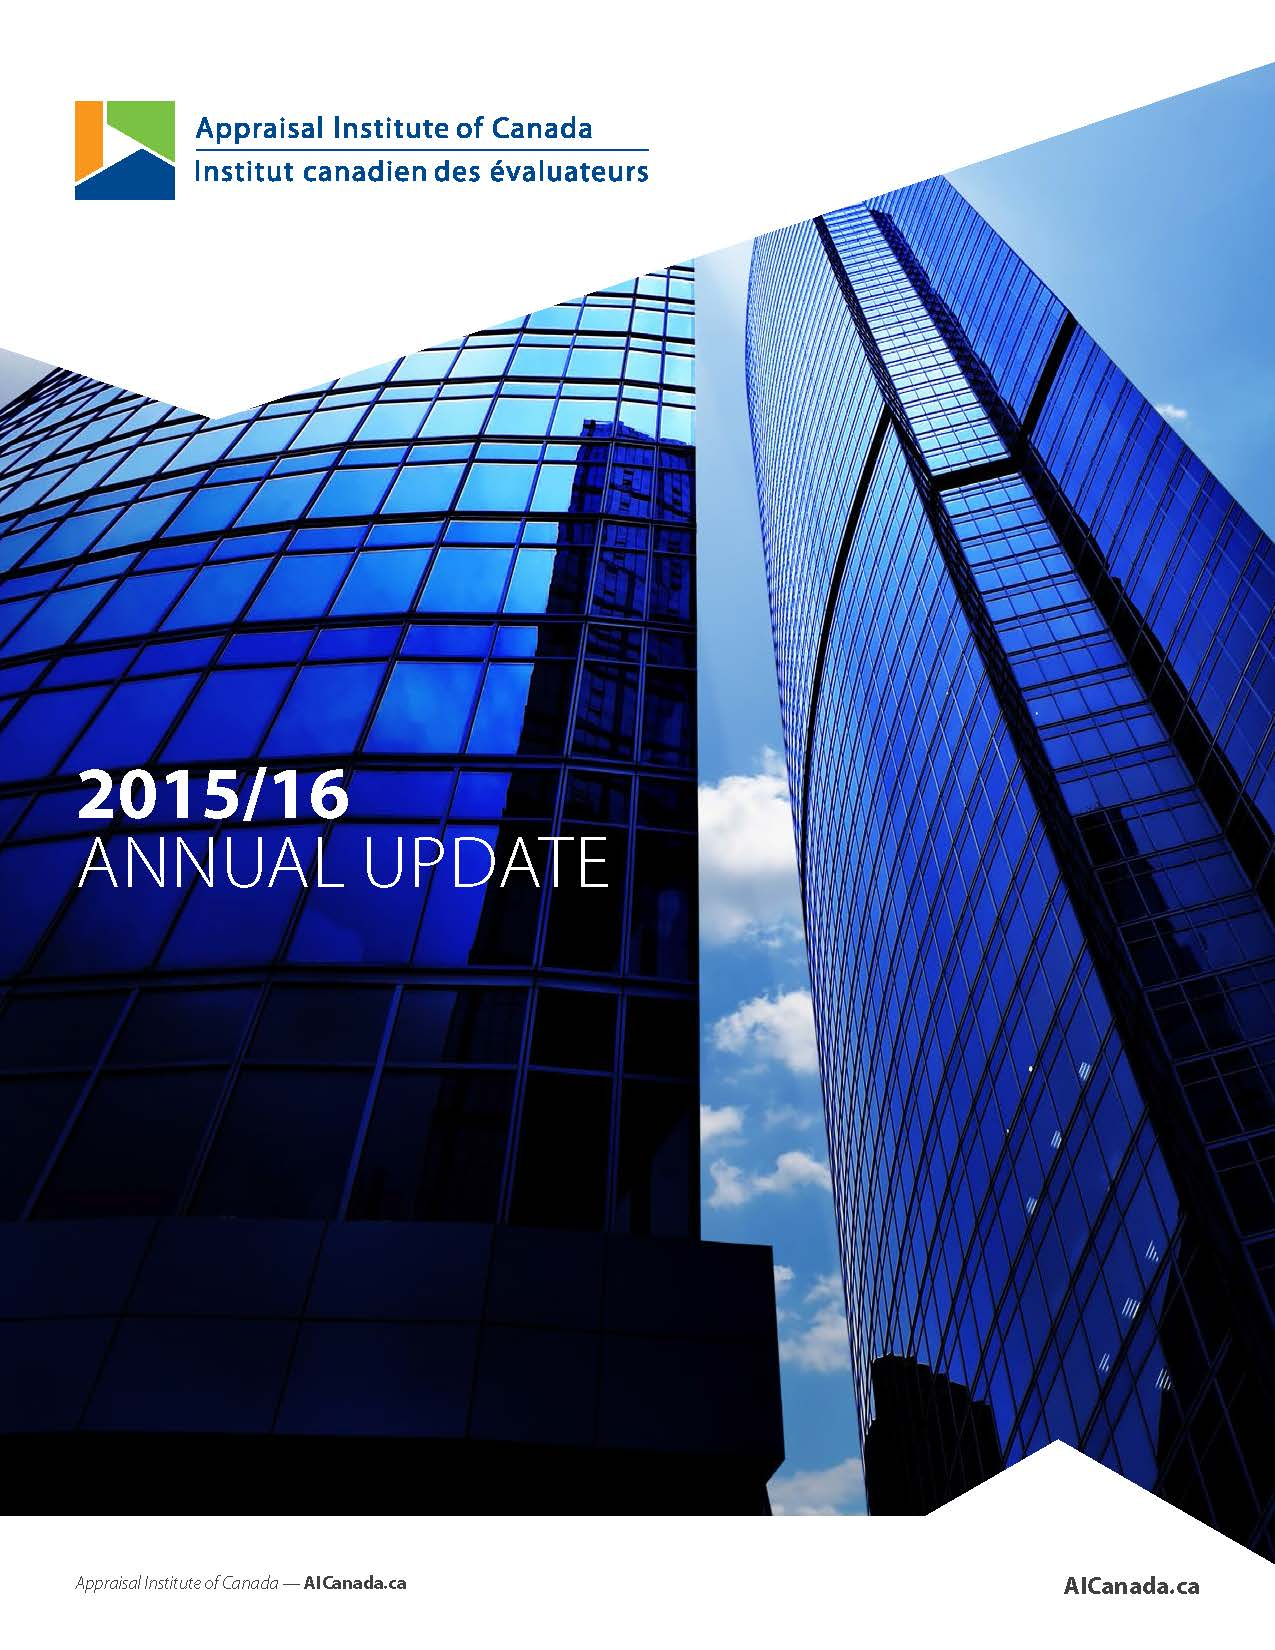 AIC_Annual_Update-2016-cover